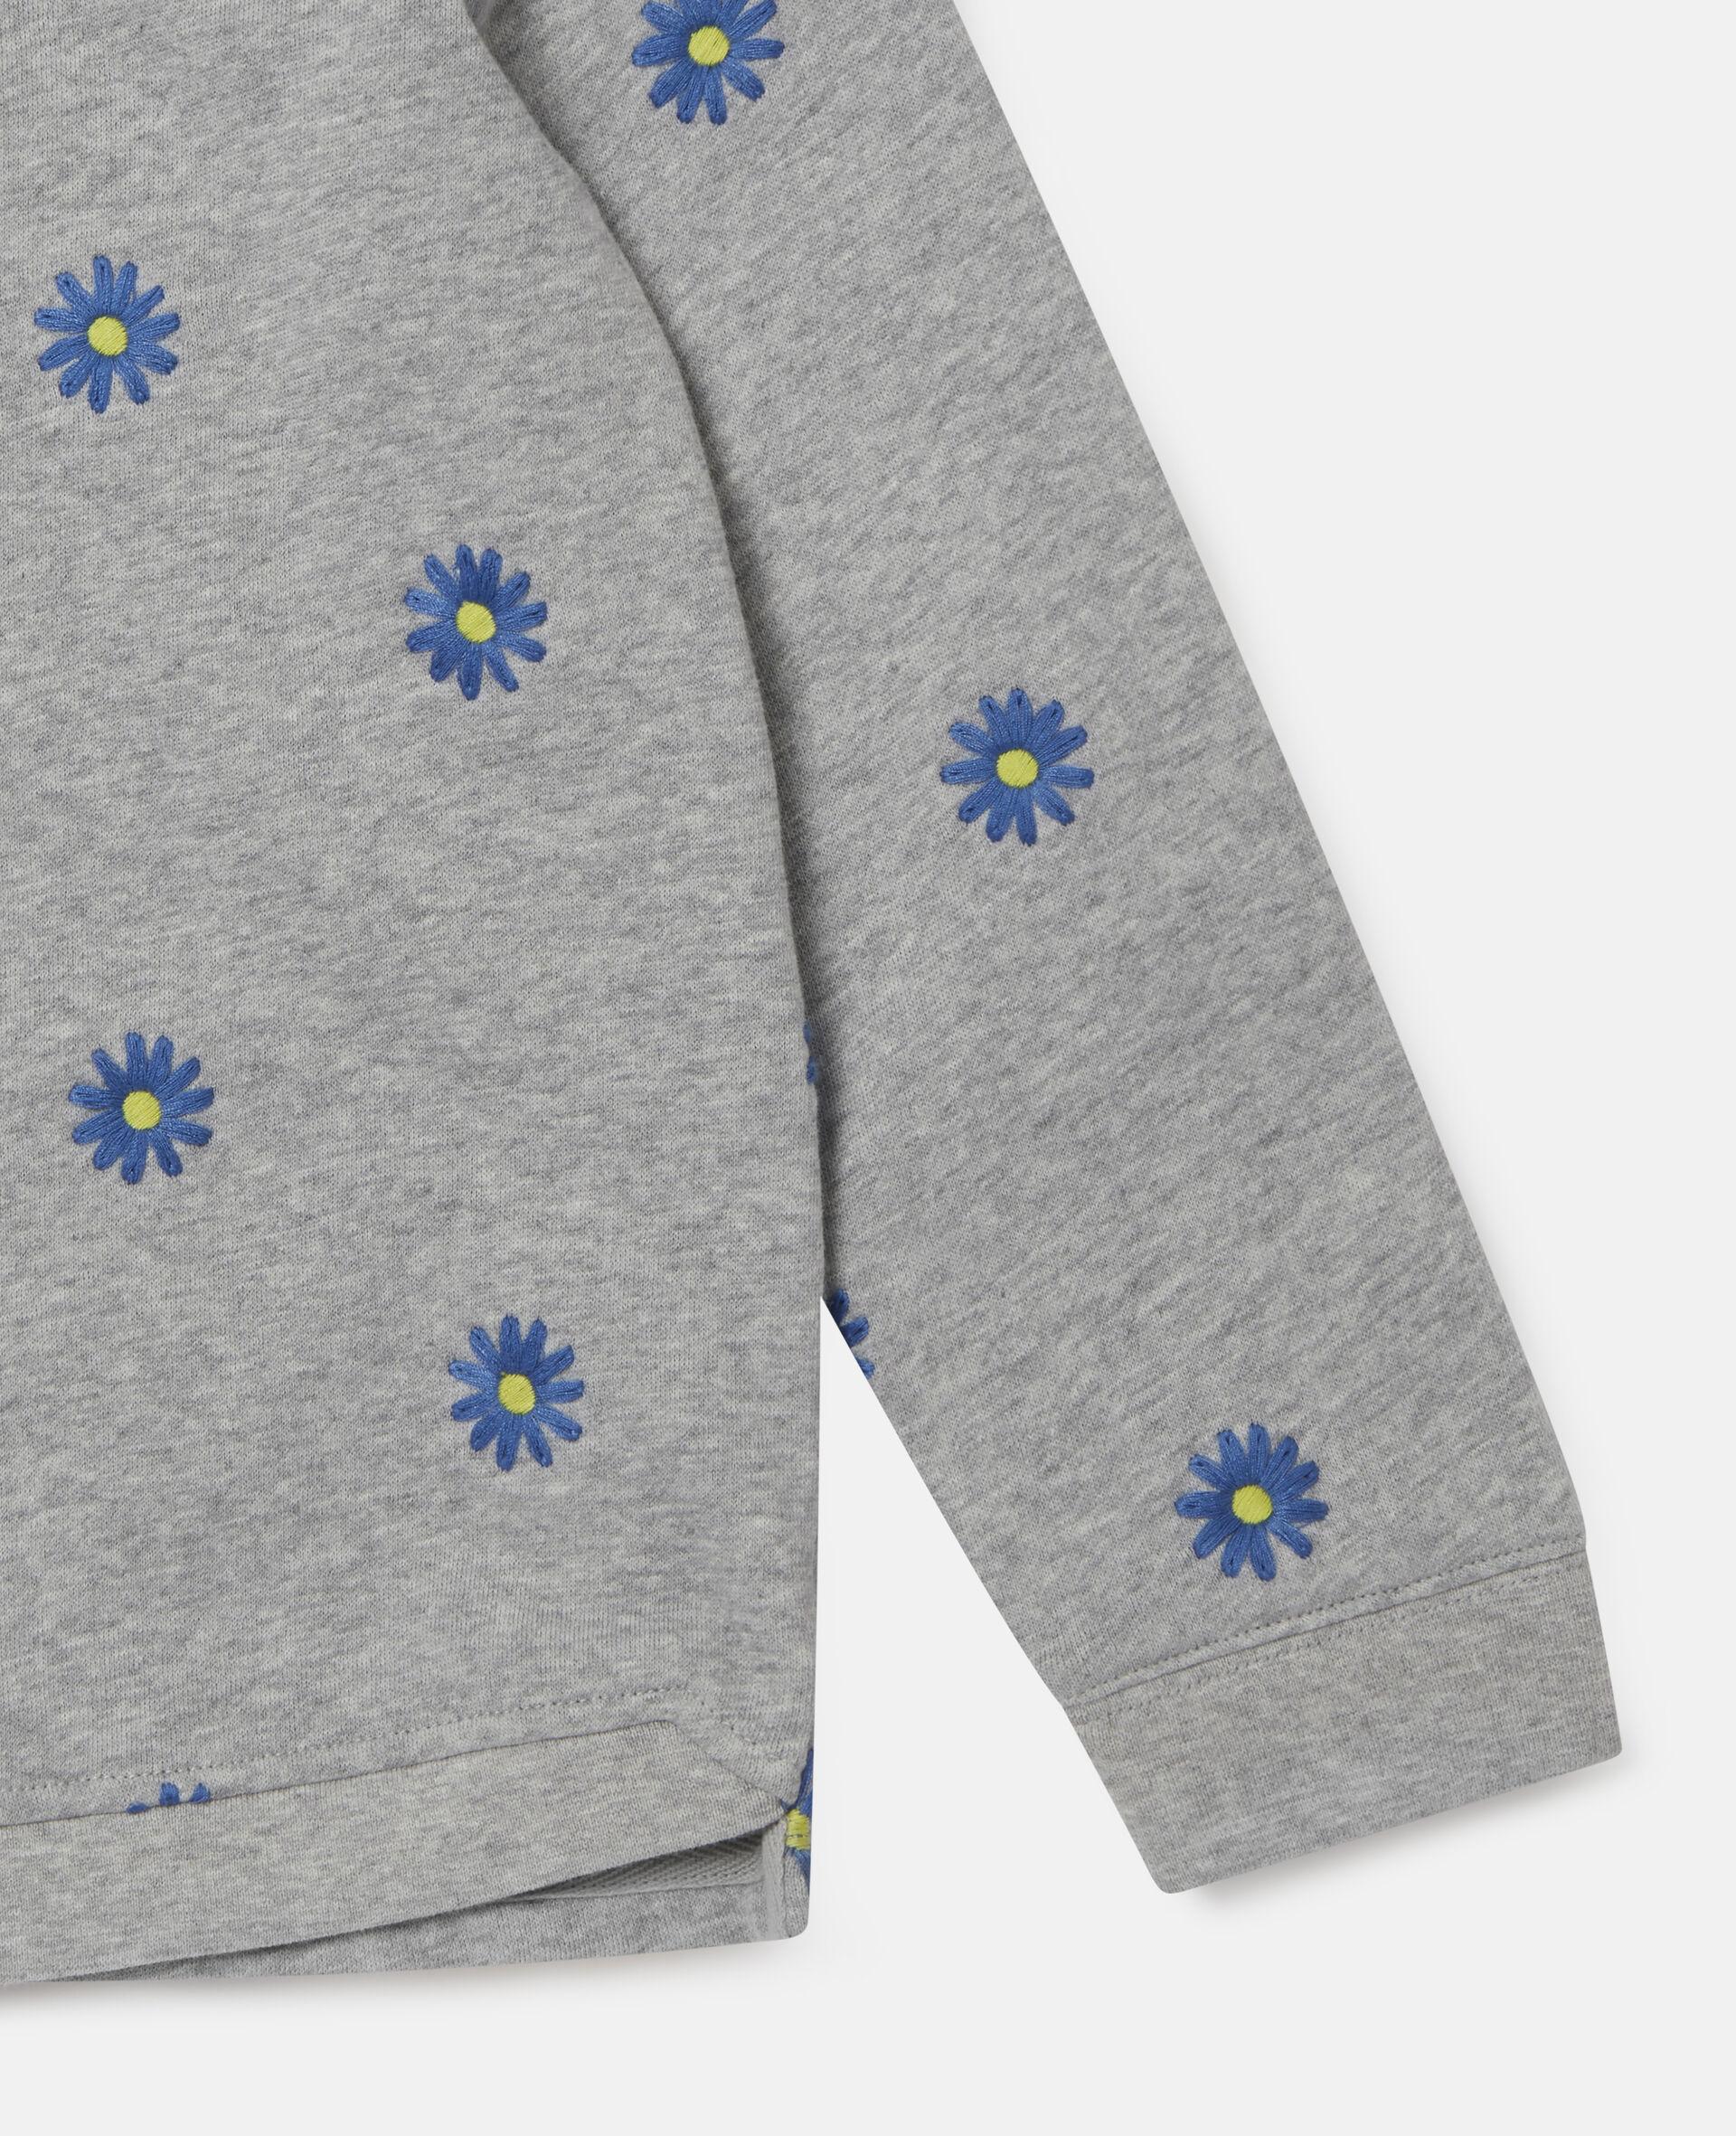 Sweat-shirt en polaire de coton à marguerites brodées -Gris-large image number 2